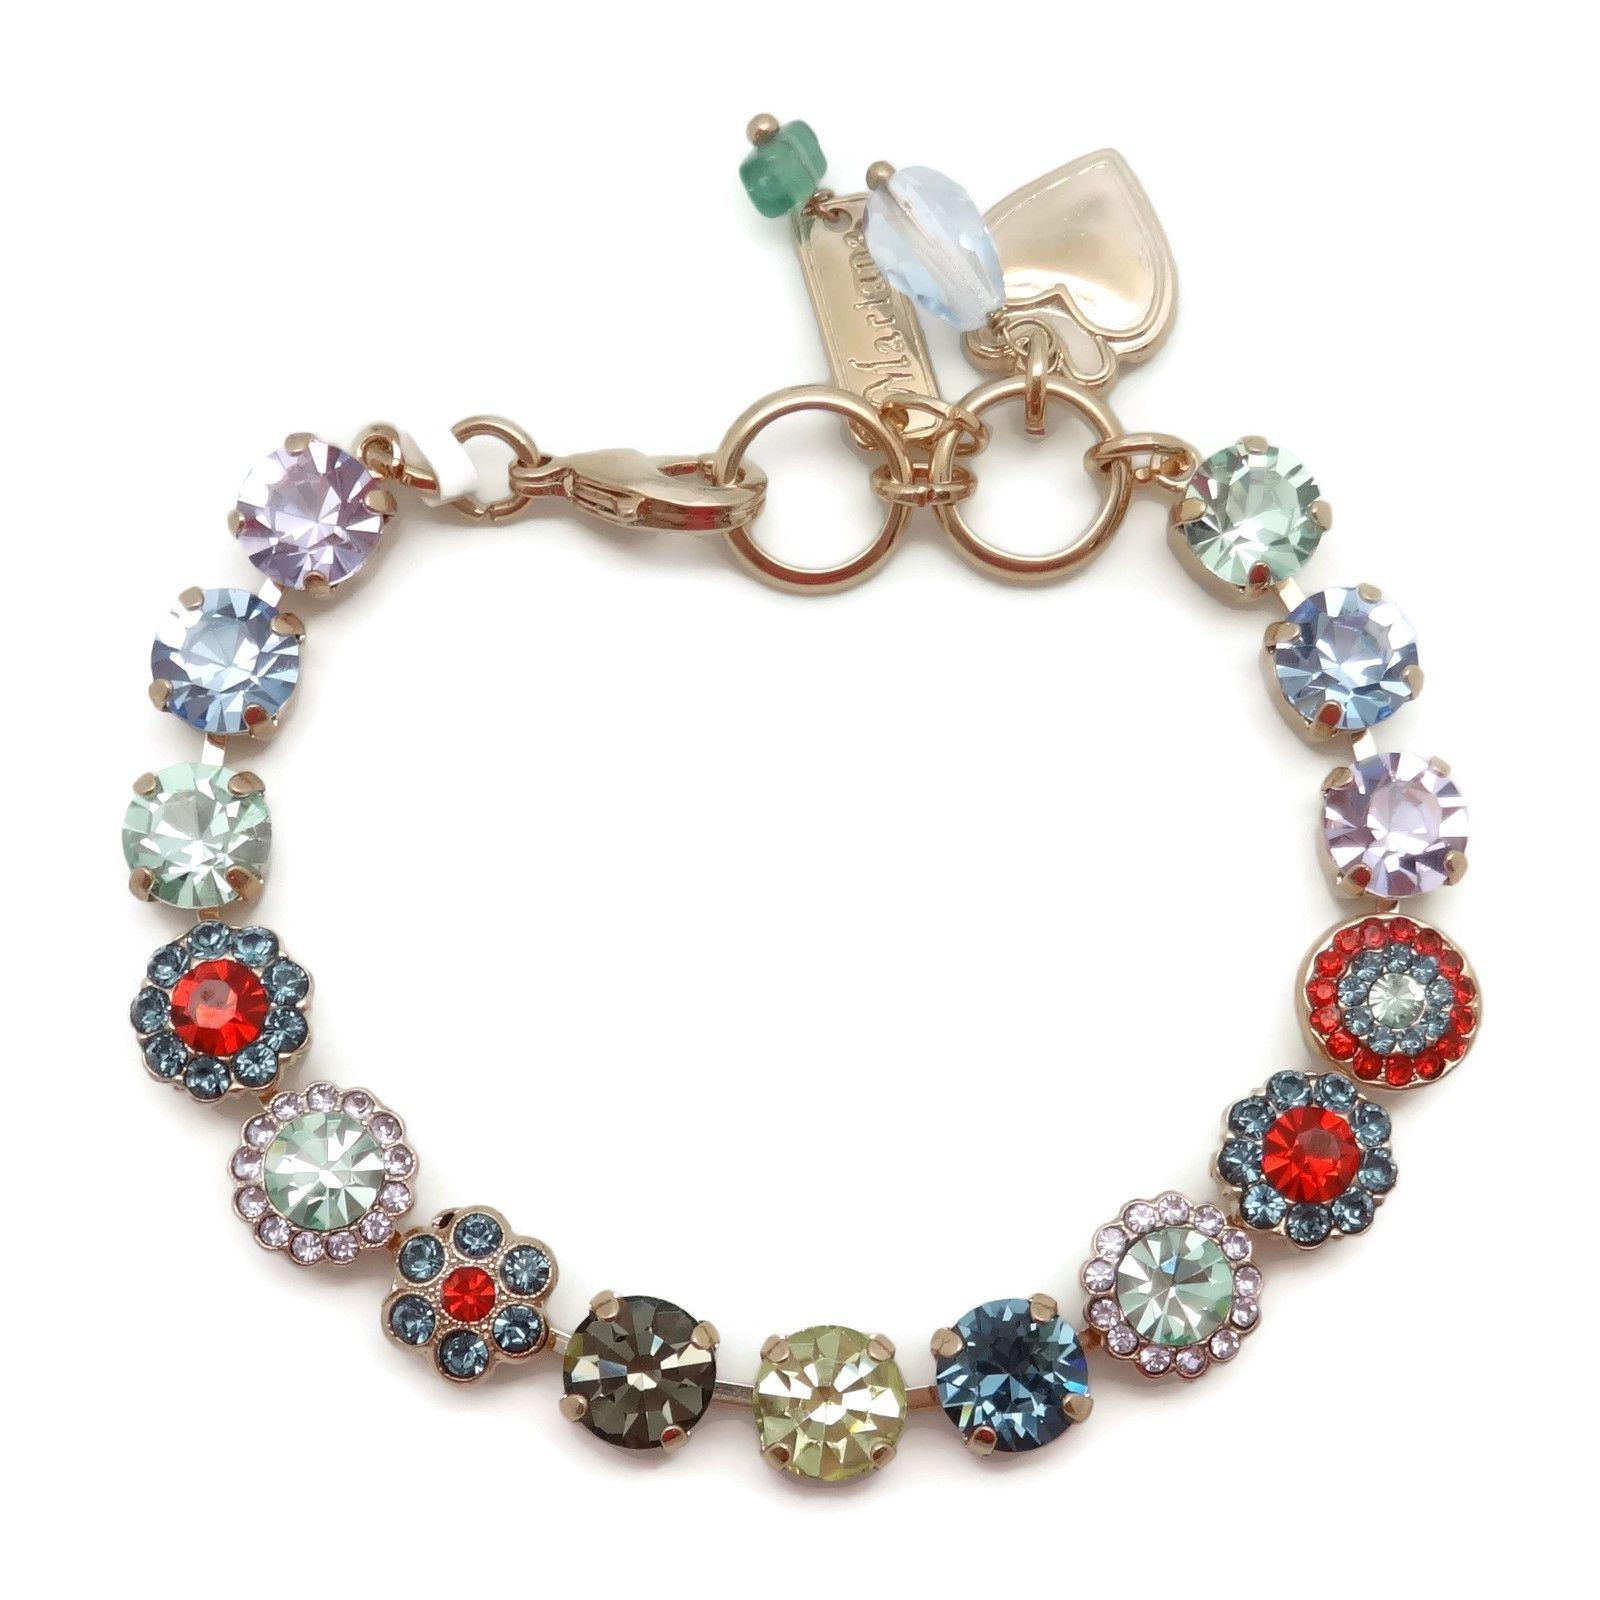 Mariana swarovski rose gold bracelet multi color floral strand